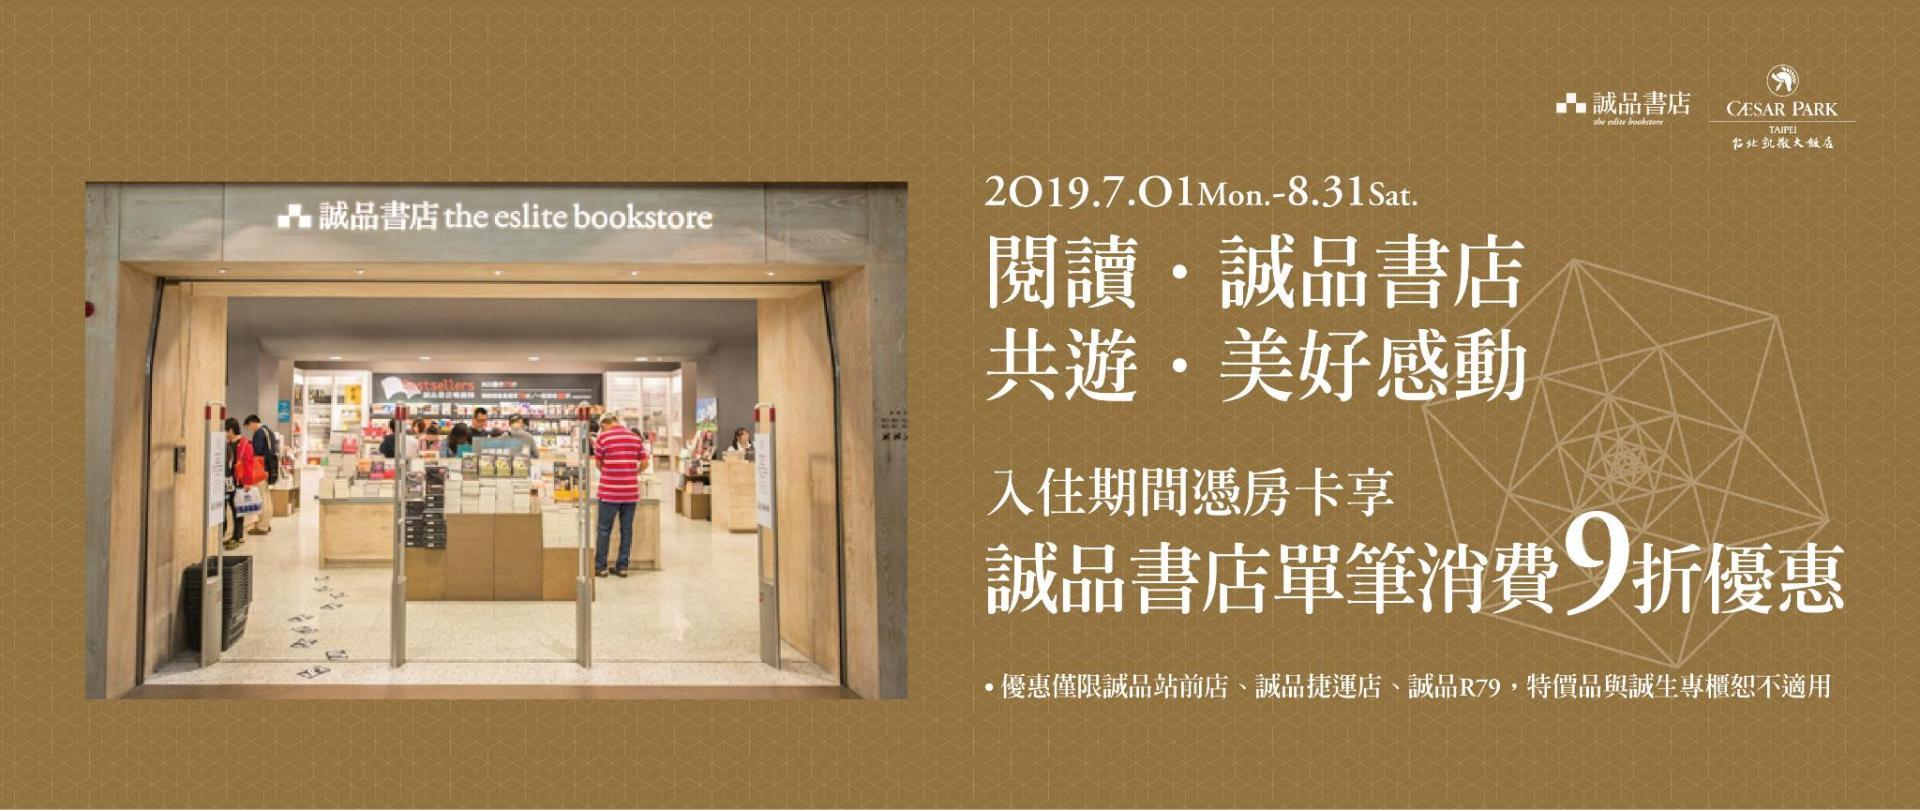 誠品書店7-8月優惠-官網輪播.jpg